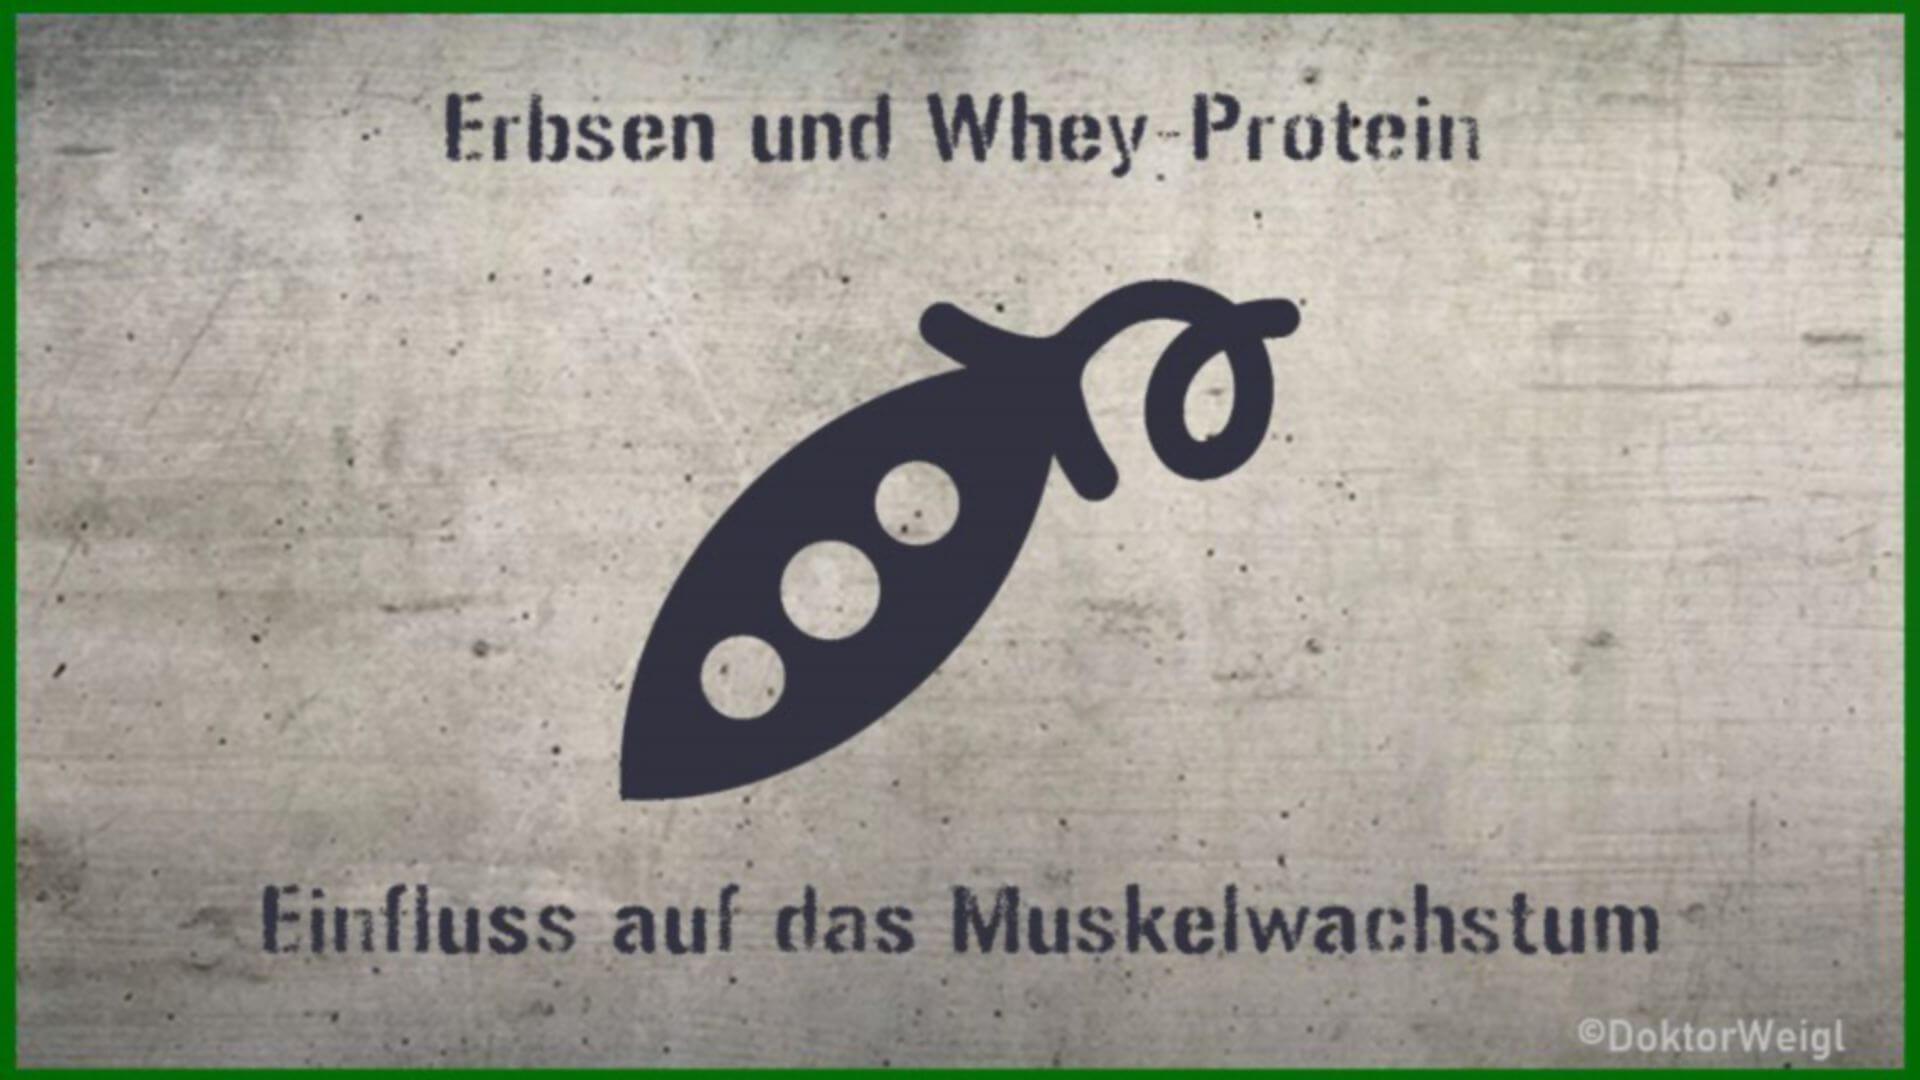 Erbsen- oder Whey-Protein – was lässt die Muskeln besser wachsen?